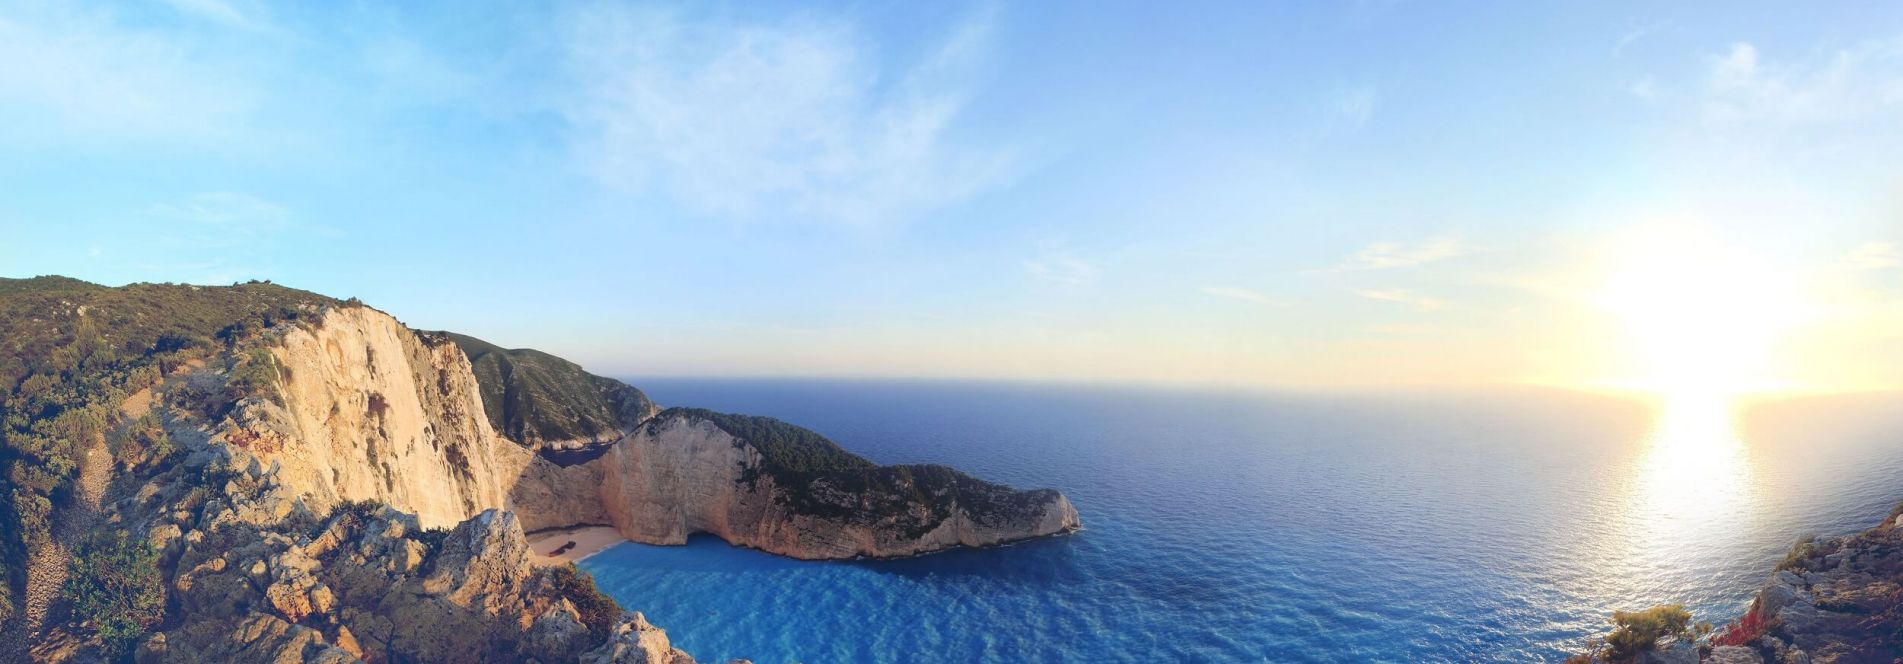 Ljeto na grčkim otocima 2020.